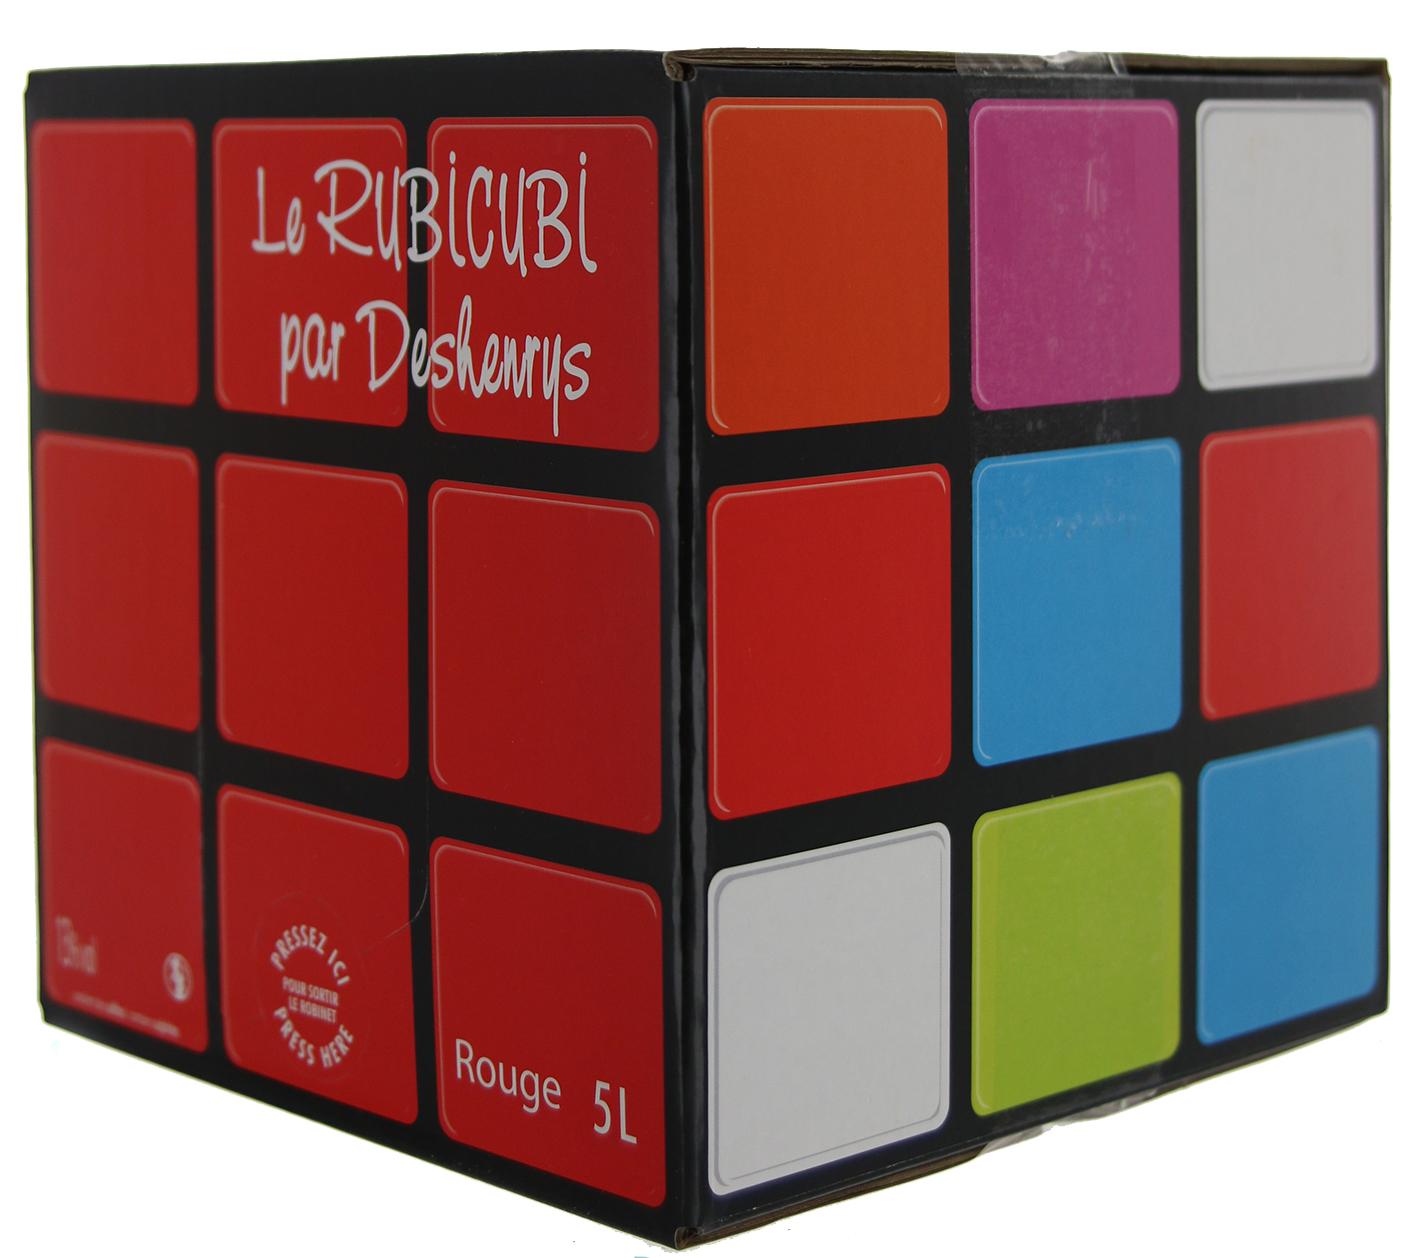 Côtes de Thongue - Cubi de qualité - RubiCubi - 5L - ROUGE